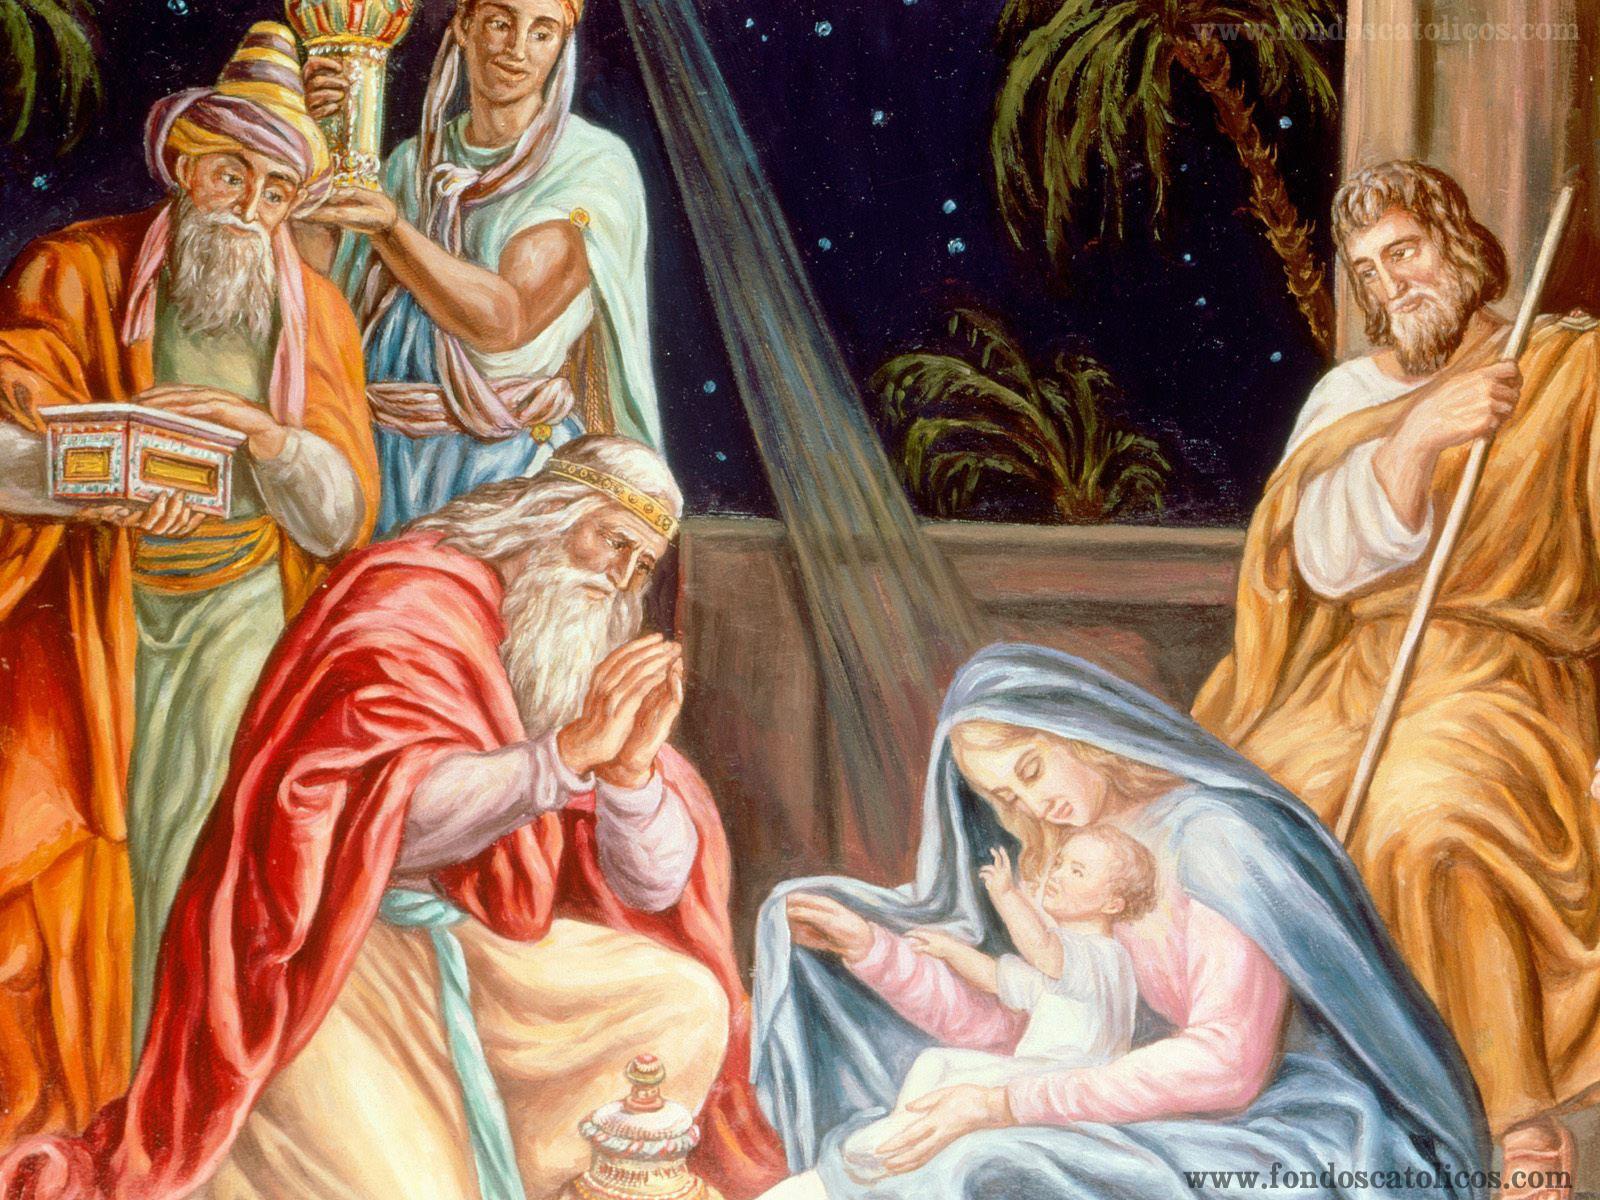 http://4.bp.blogspot.com/-r_v5ZZfh9bM/UNoZe5pKWLI/AAAAAAAAAyg/j6i8SZsDOjg/s1600/nacimiento+de+jesus+navidad+wallpaper+%2525282%252529.jpg